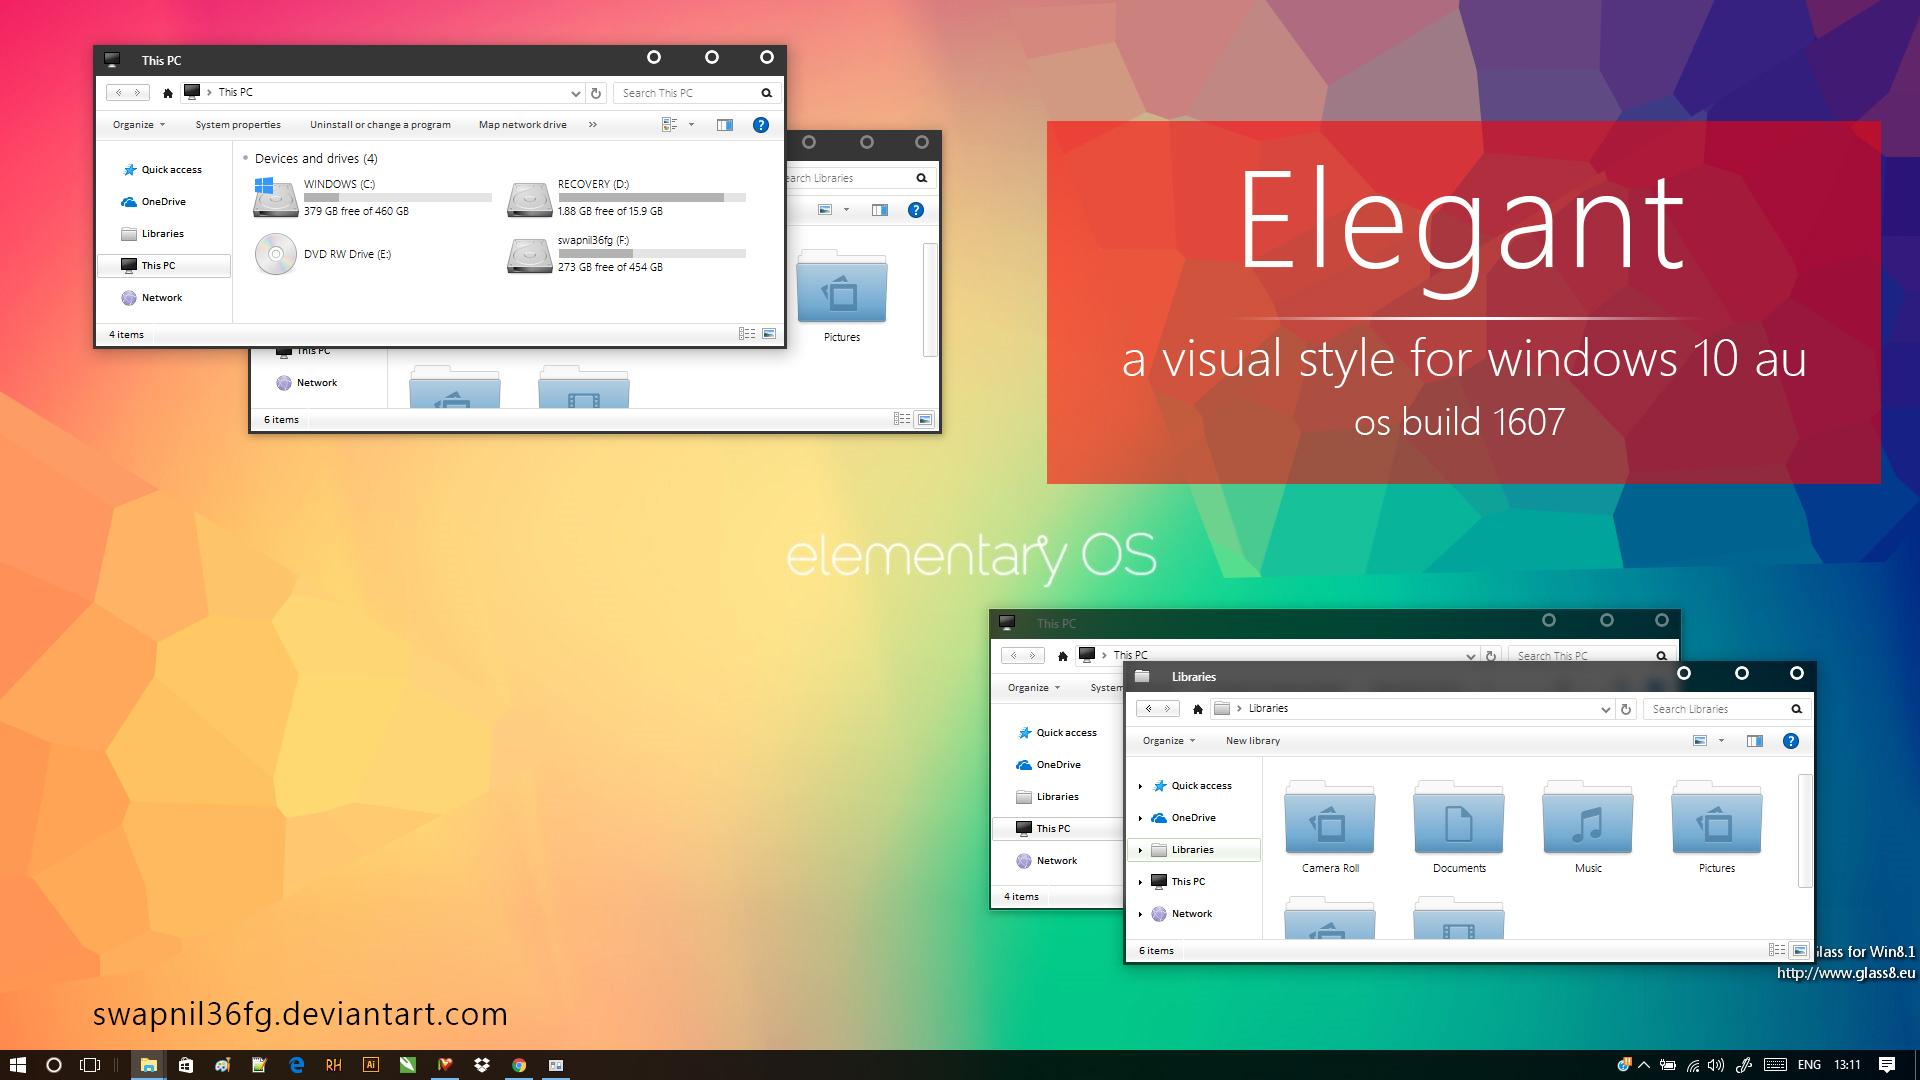 Elegant for windows 10 AU by swapnil36fg